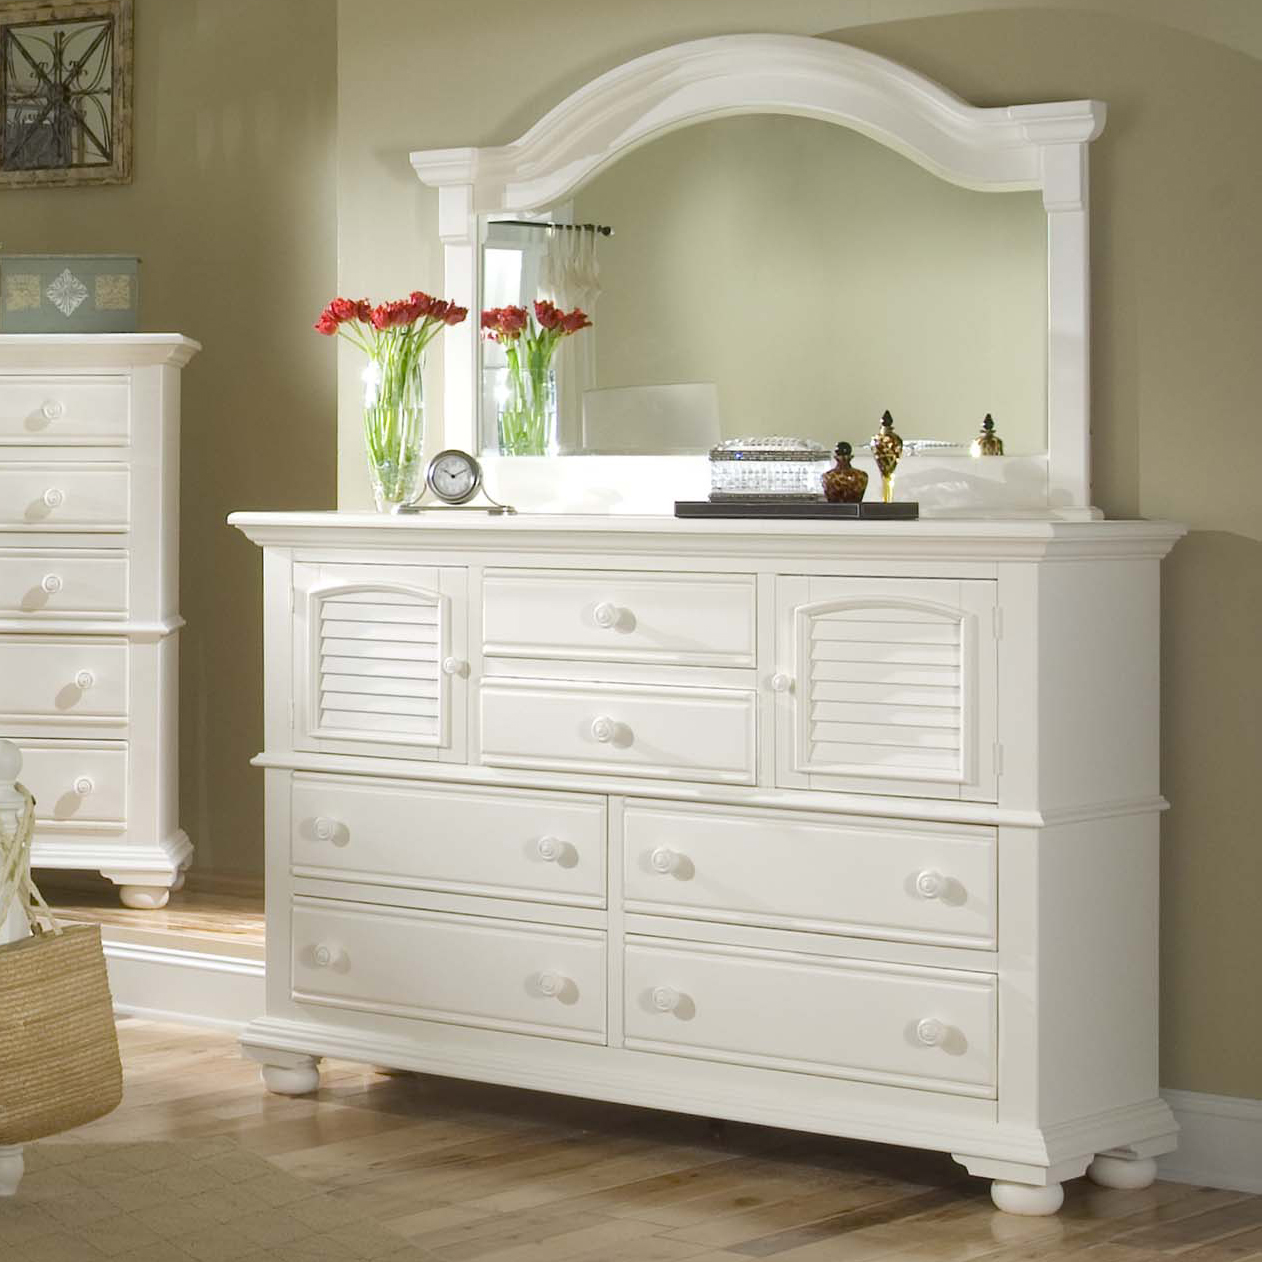 Master dresser and mirror